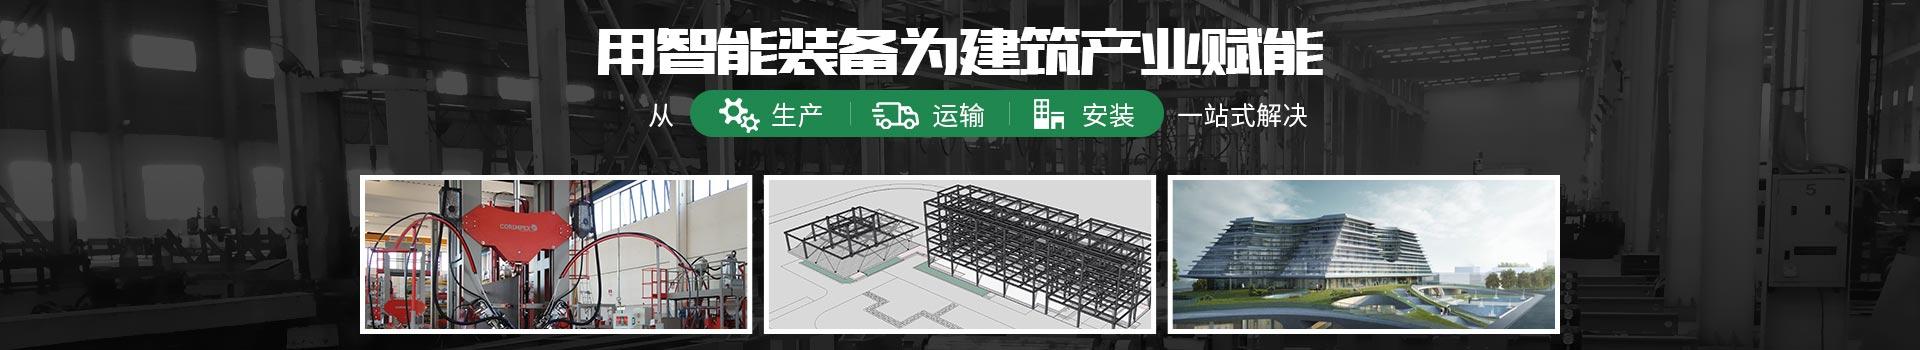 景典-用智能装备为建筑产业赋能